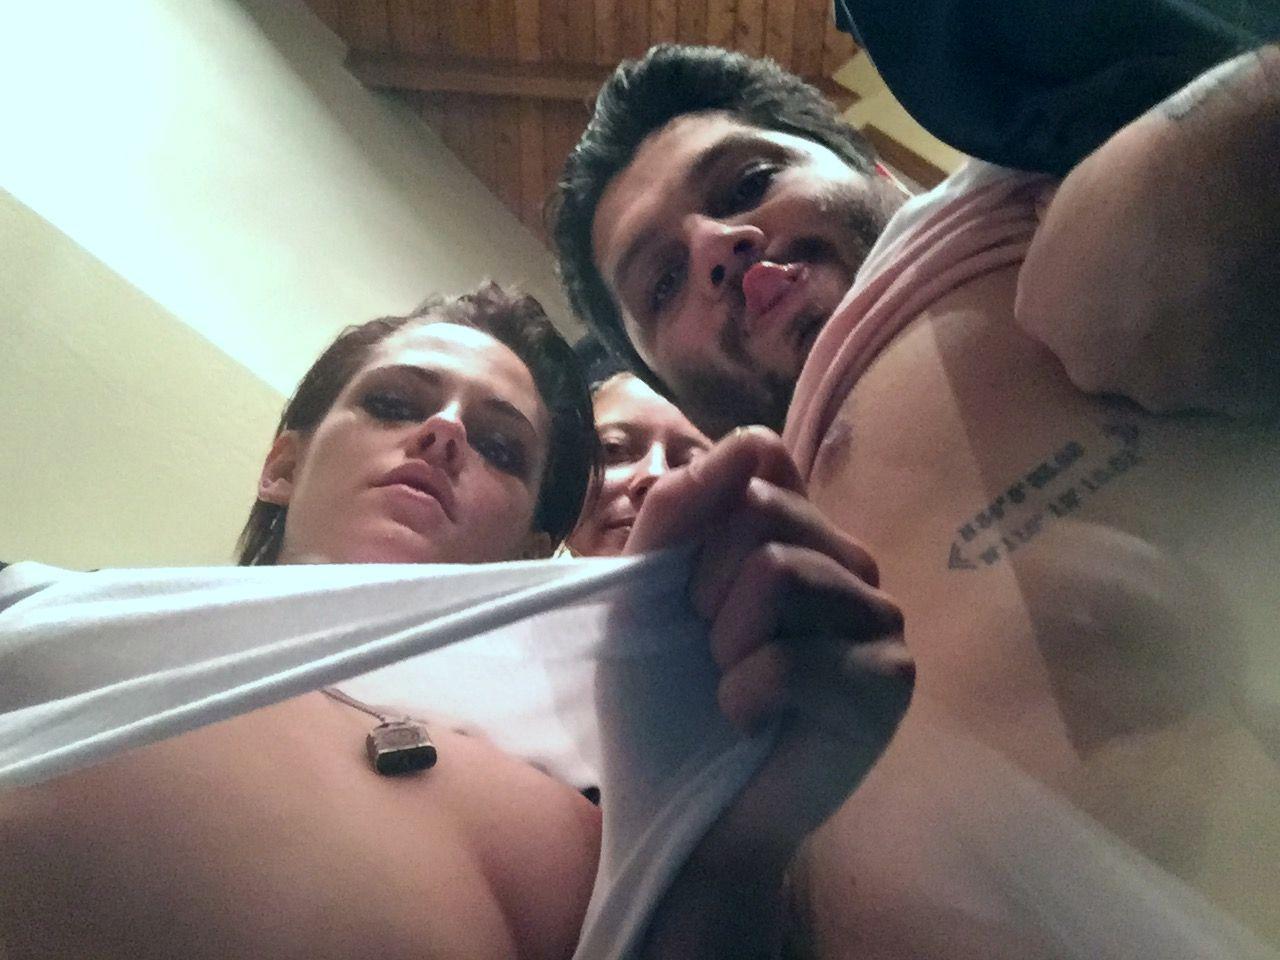 Любительское порно восстановленное с флешек